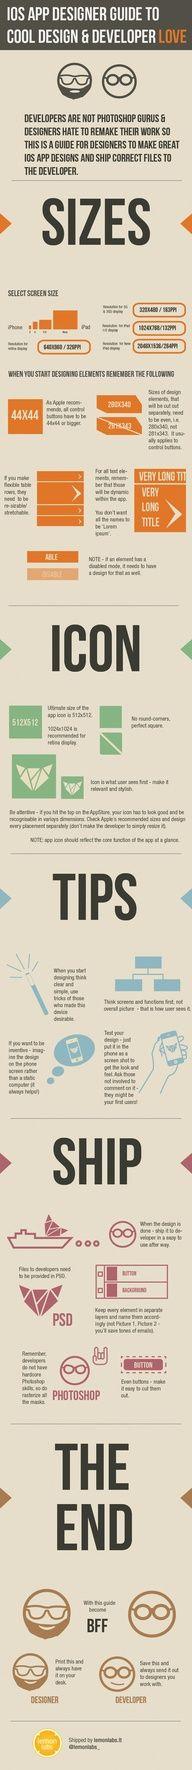 Guía para el diseñador IOS APP. #infografia #infographic #apple #design